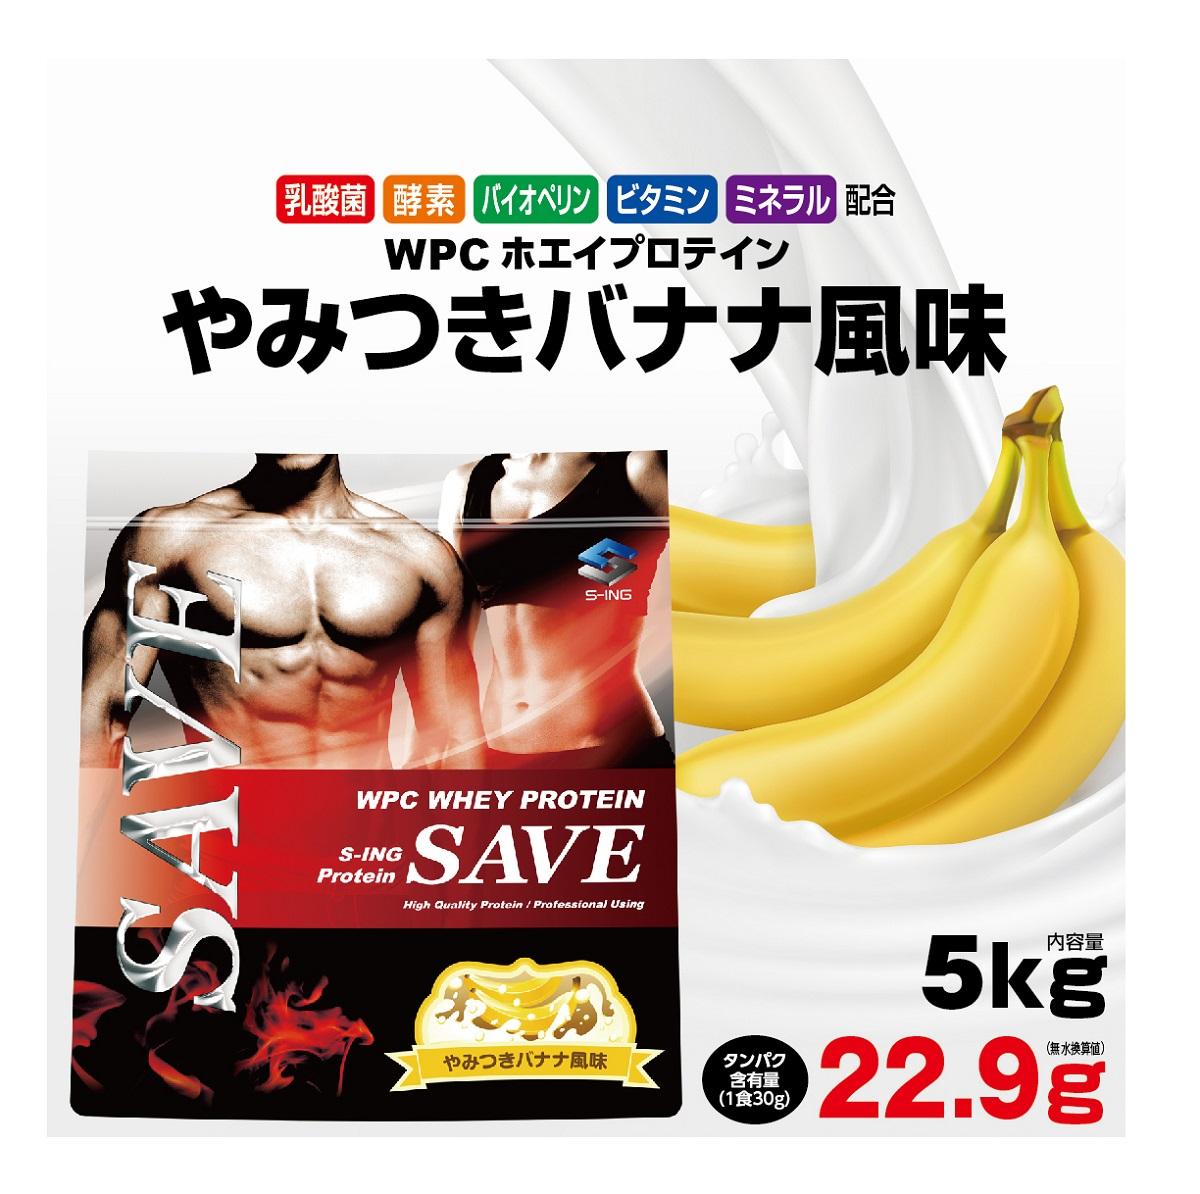 激安 ホエイプロテイン 【送料無料】 SAVE プロテイン やみつきバナナ風味 5kg 美味しいWPC 乳酸菌・バイオペリン・エンザミン酵素配合